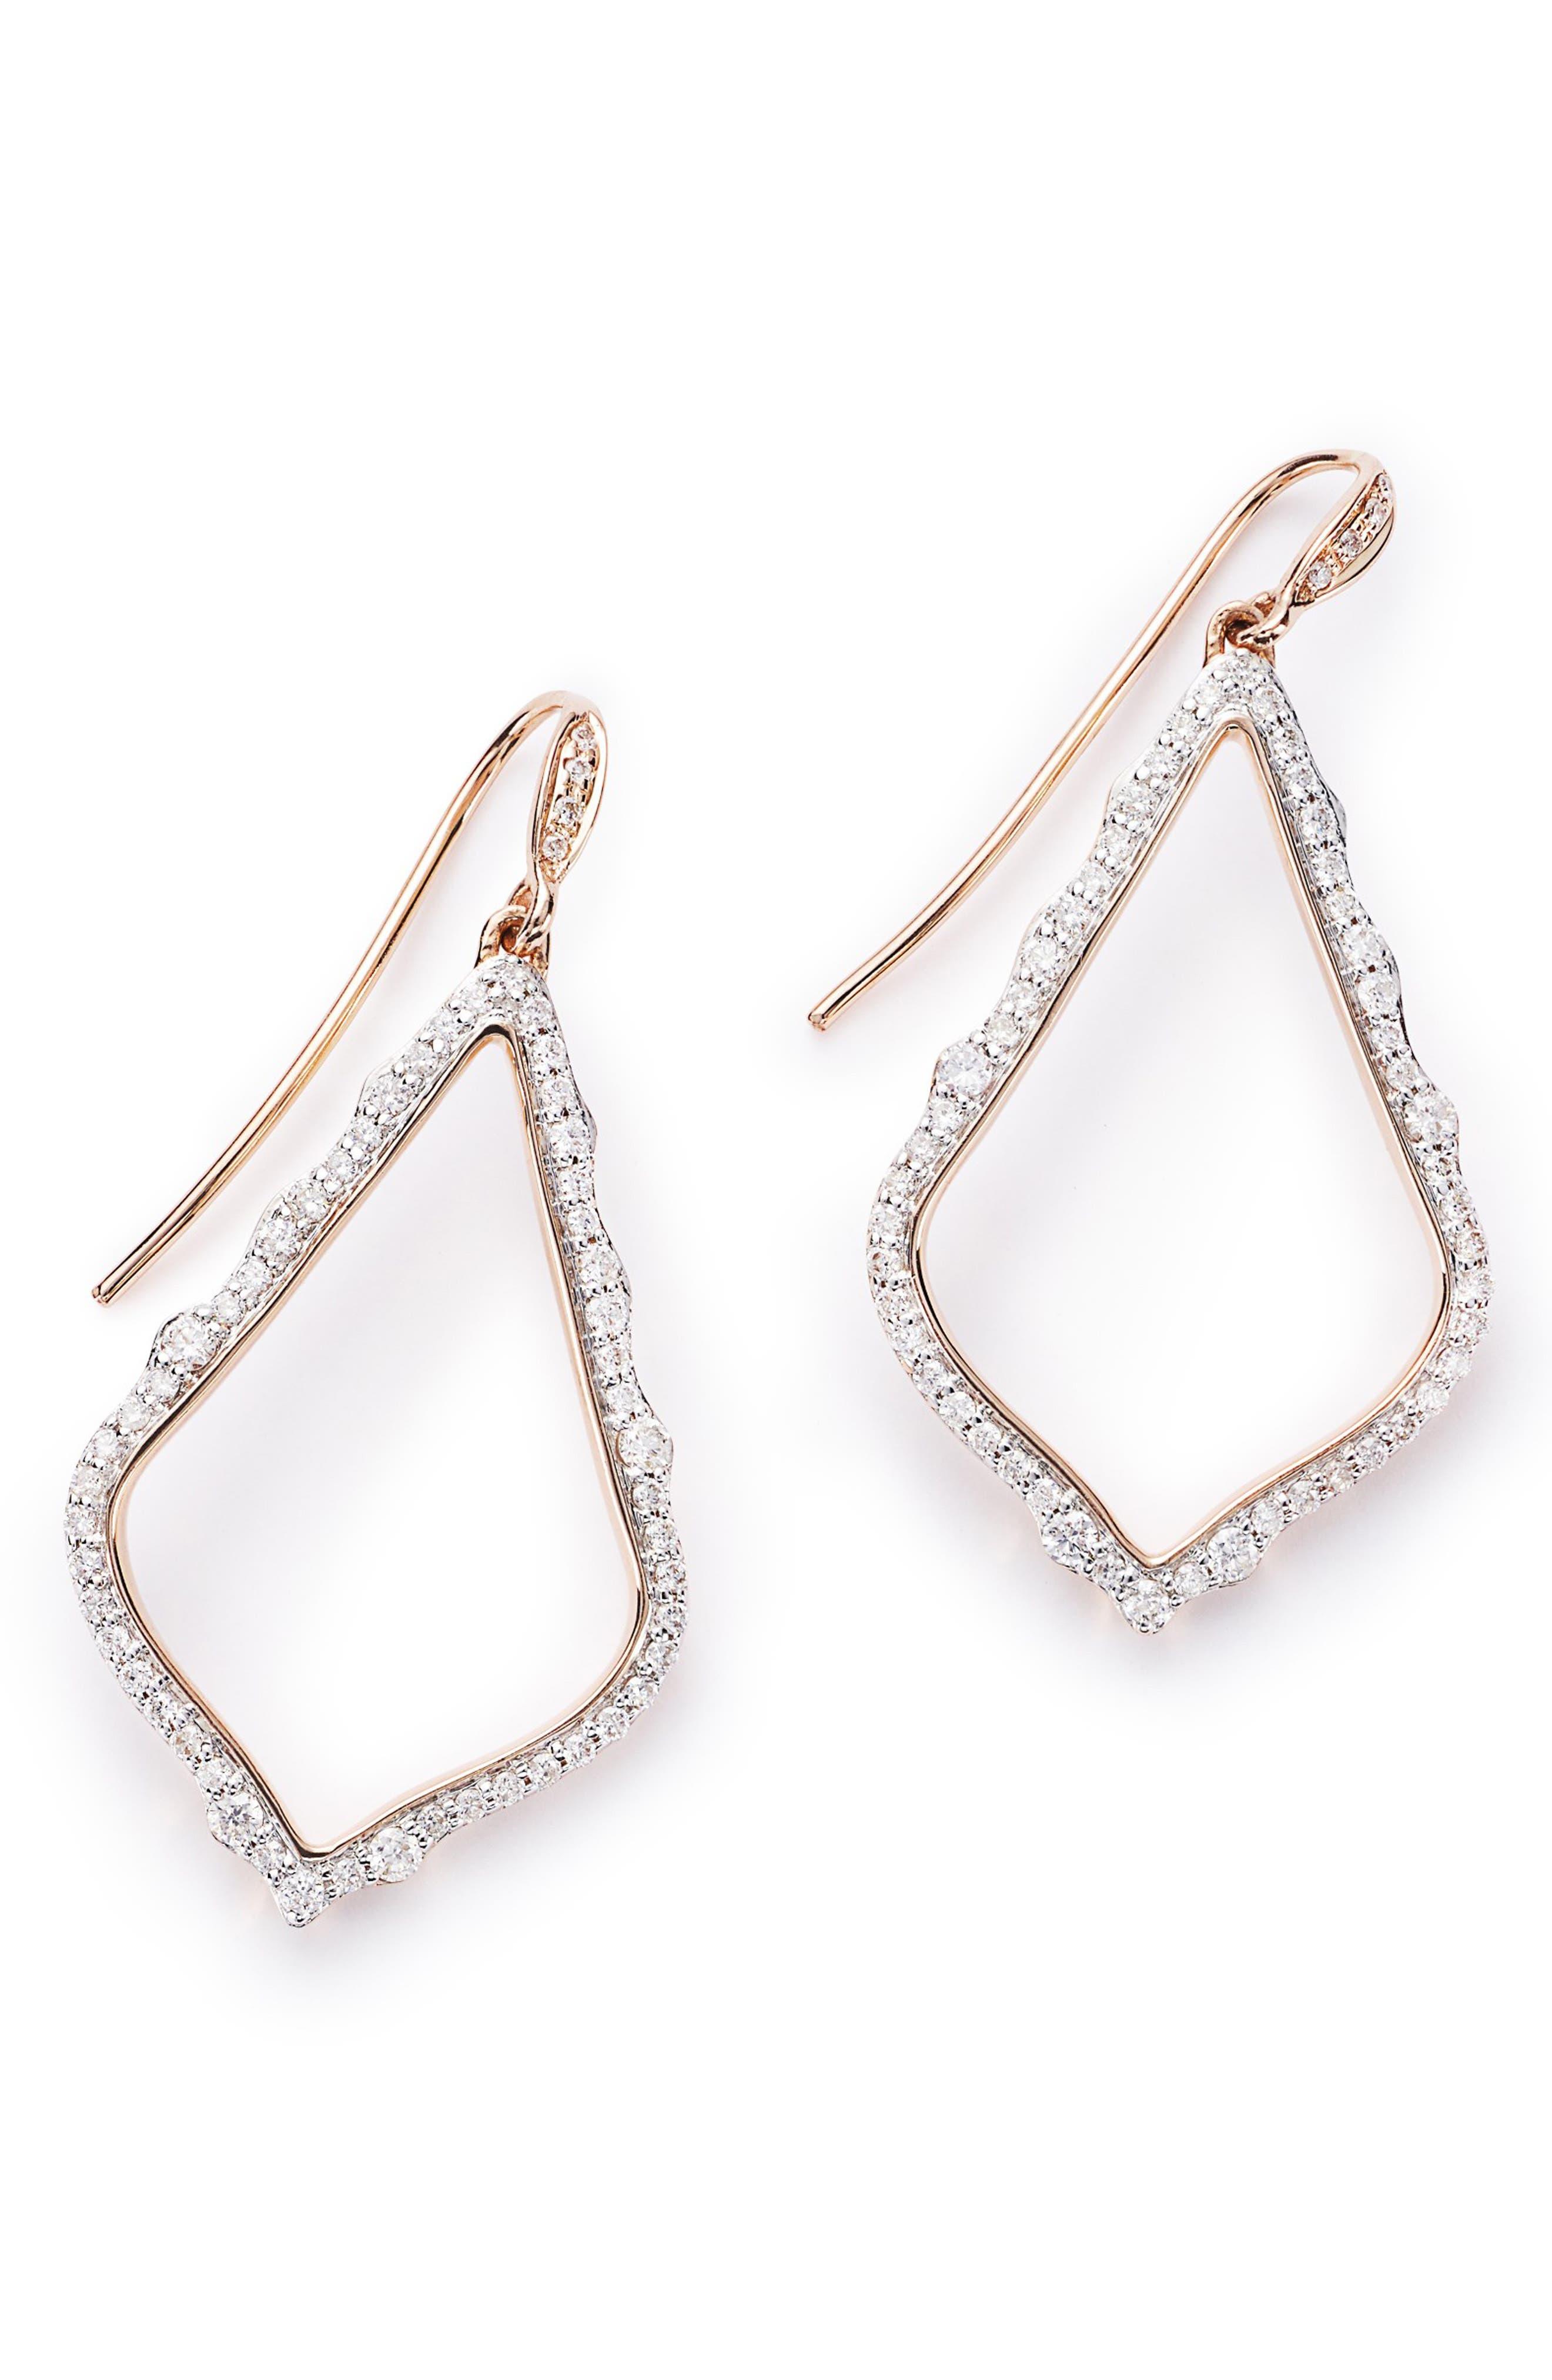 KENDRA SCOTT Sophia Diamond & Rose Gold Drop Earrings, Main, color, 14K RSG WHITE DIAMOND